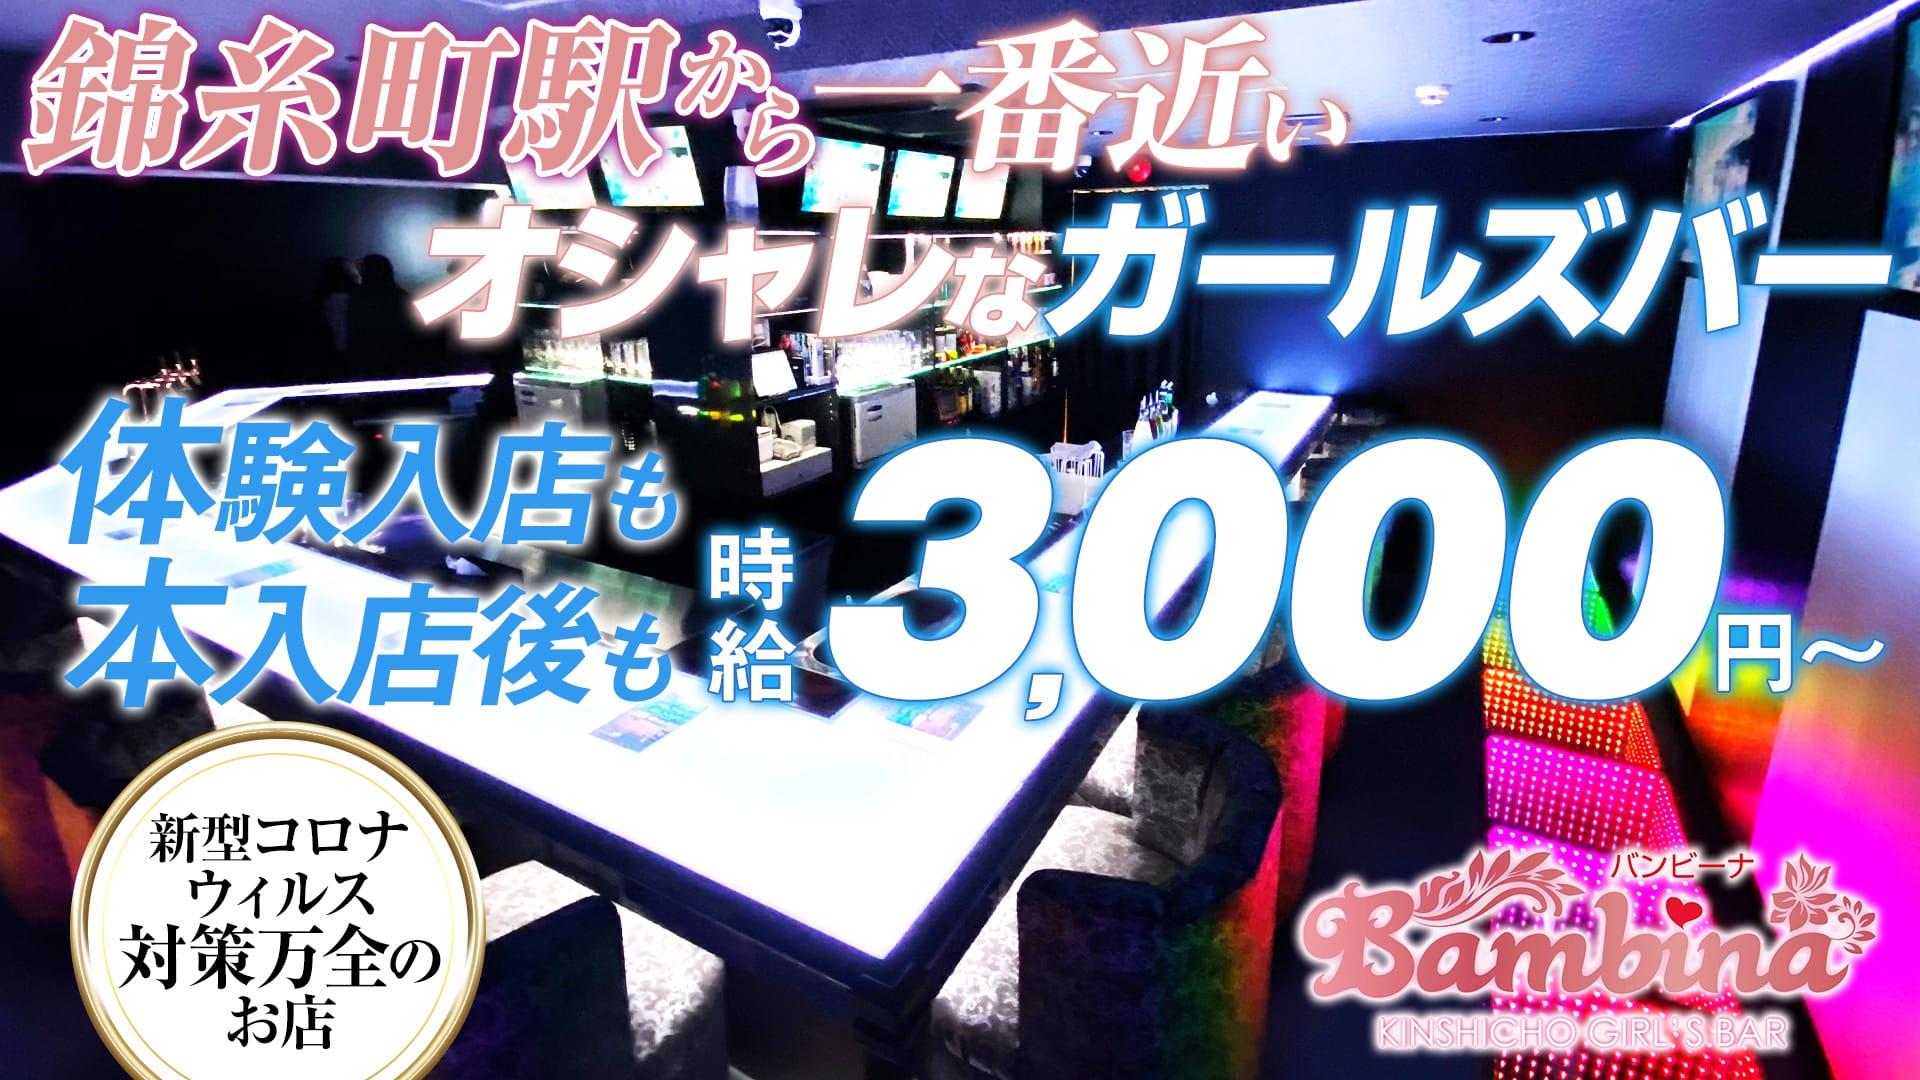 Bambina(バンビーナ) 錦糸町ガールズバー TOP画像